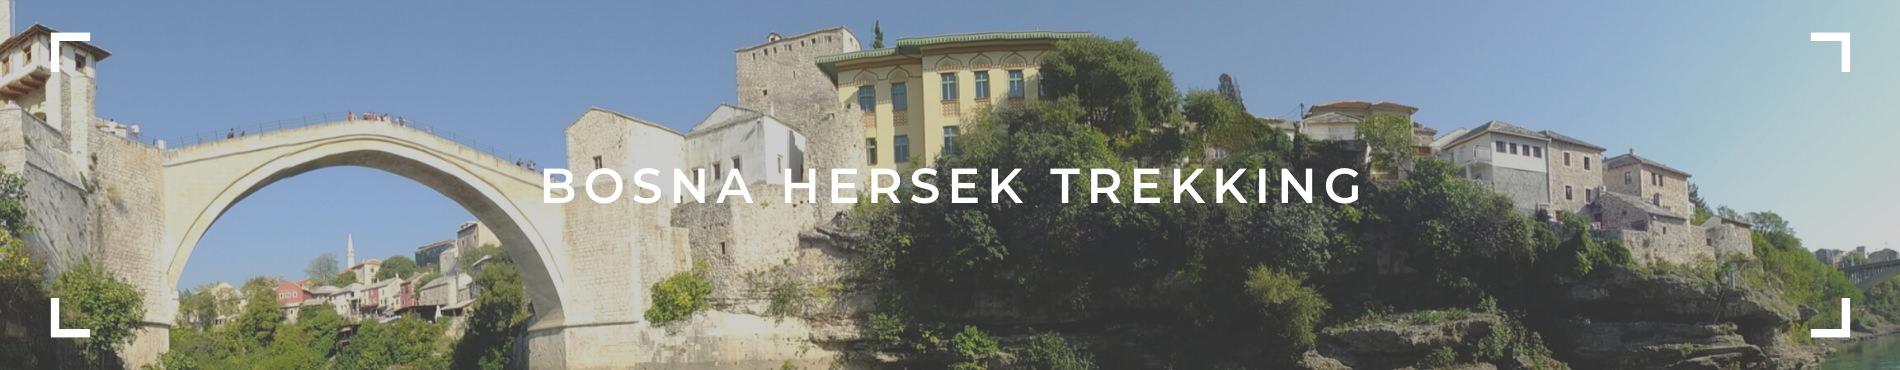 BOSNA HERSEK TREKKING